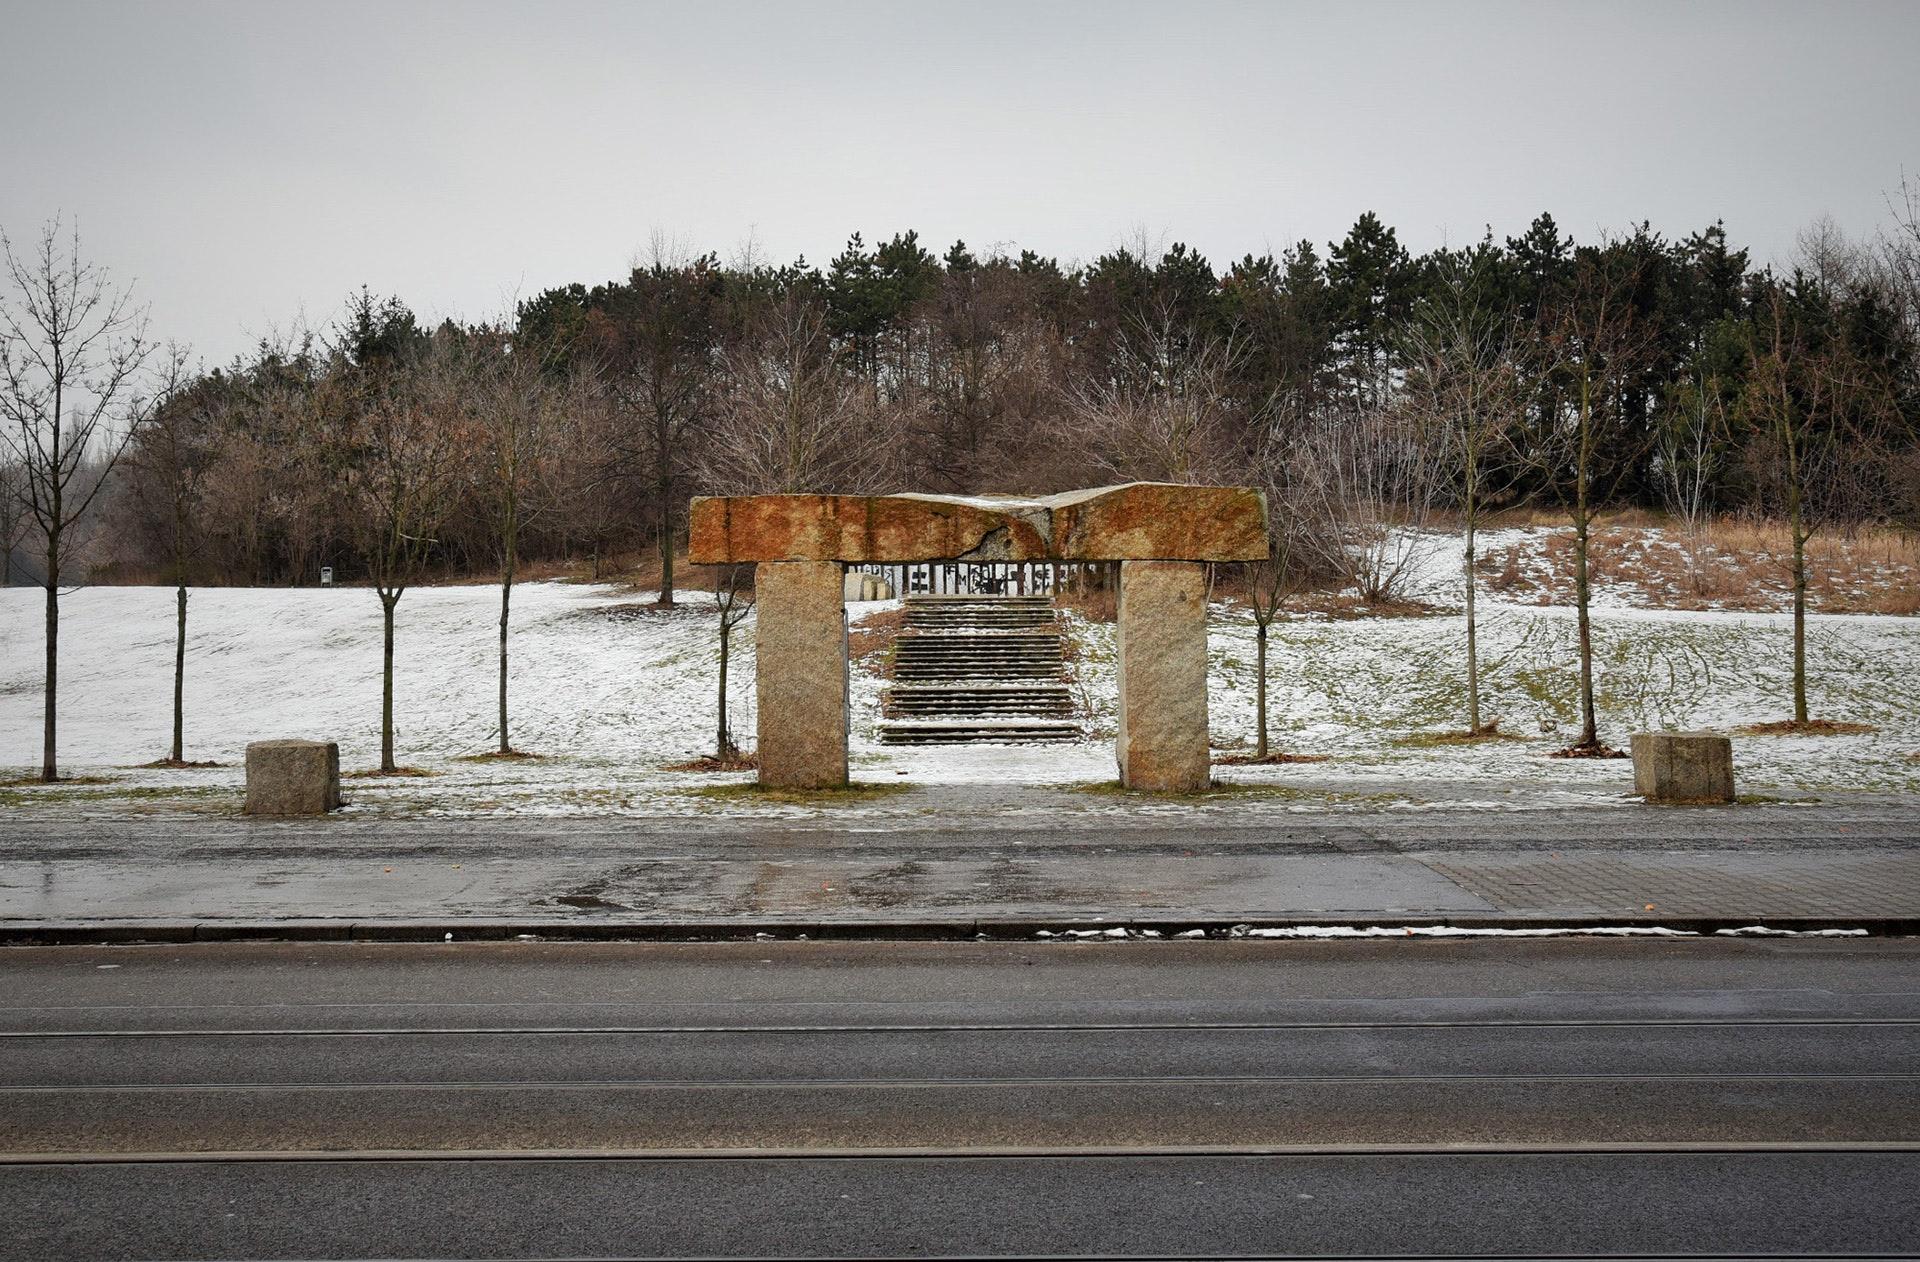 «Жили дружно»: как бывшие граждане ГДР тоскуют по прошлому